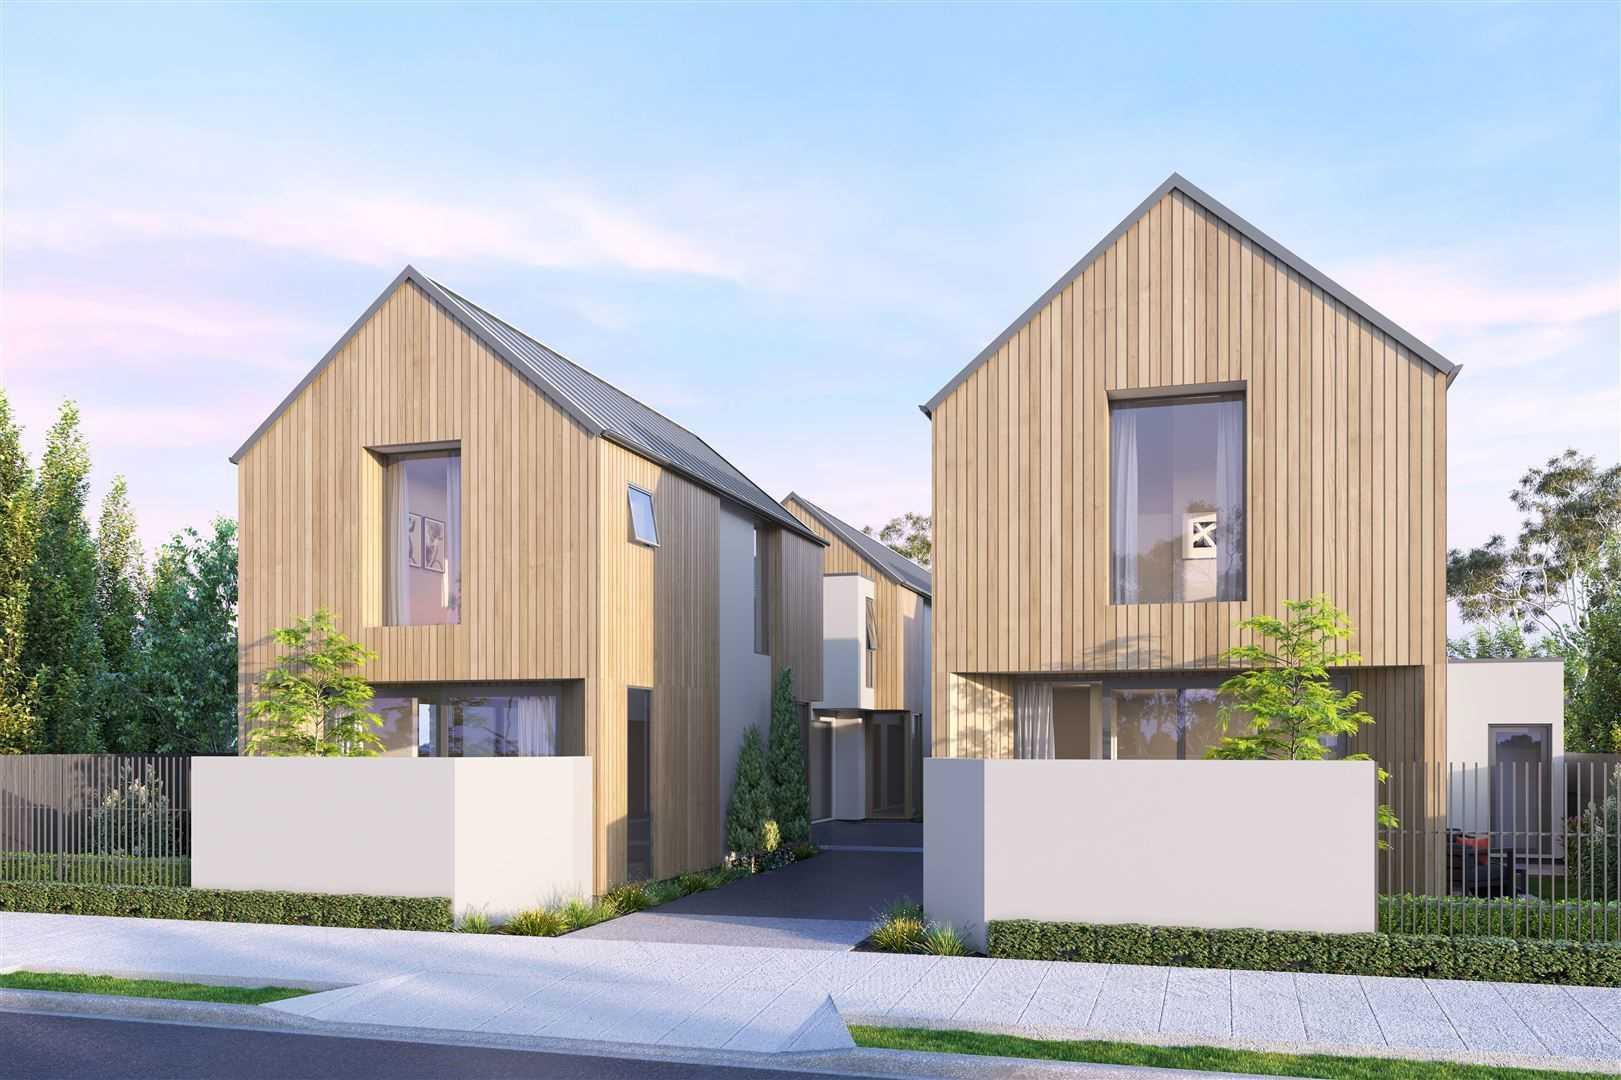 Unit 3/110 Aikmans Road, Merivale - Christchurch City